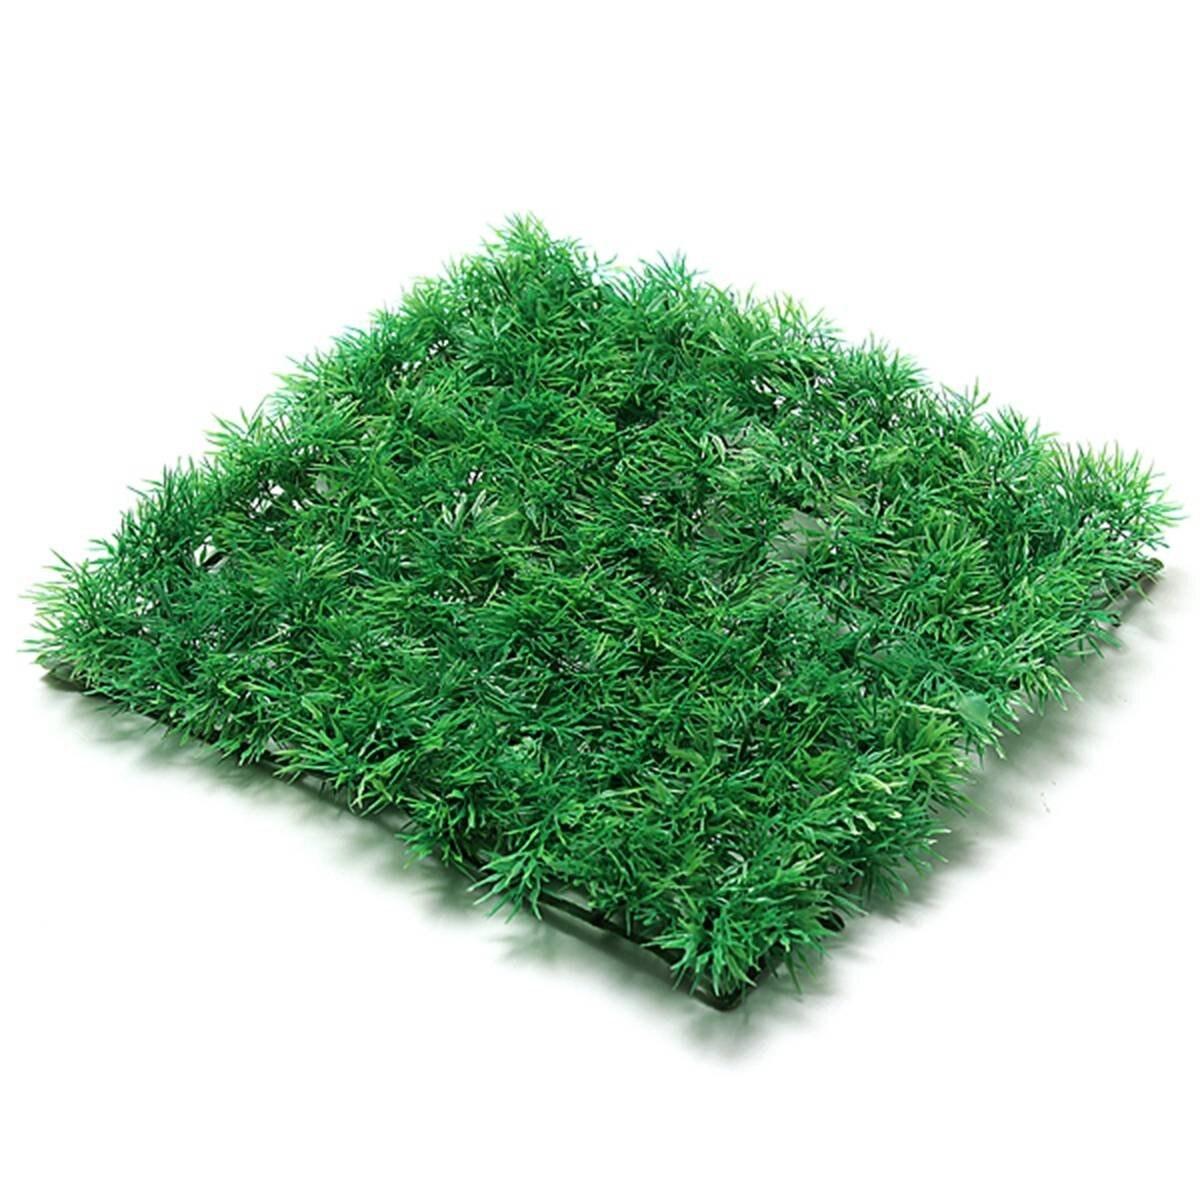 Artificial Plastic Grass Lawn Aquarium Garden Decor Seedings Flower Lawn Miniature Landscape Ornament 25cmX25cm